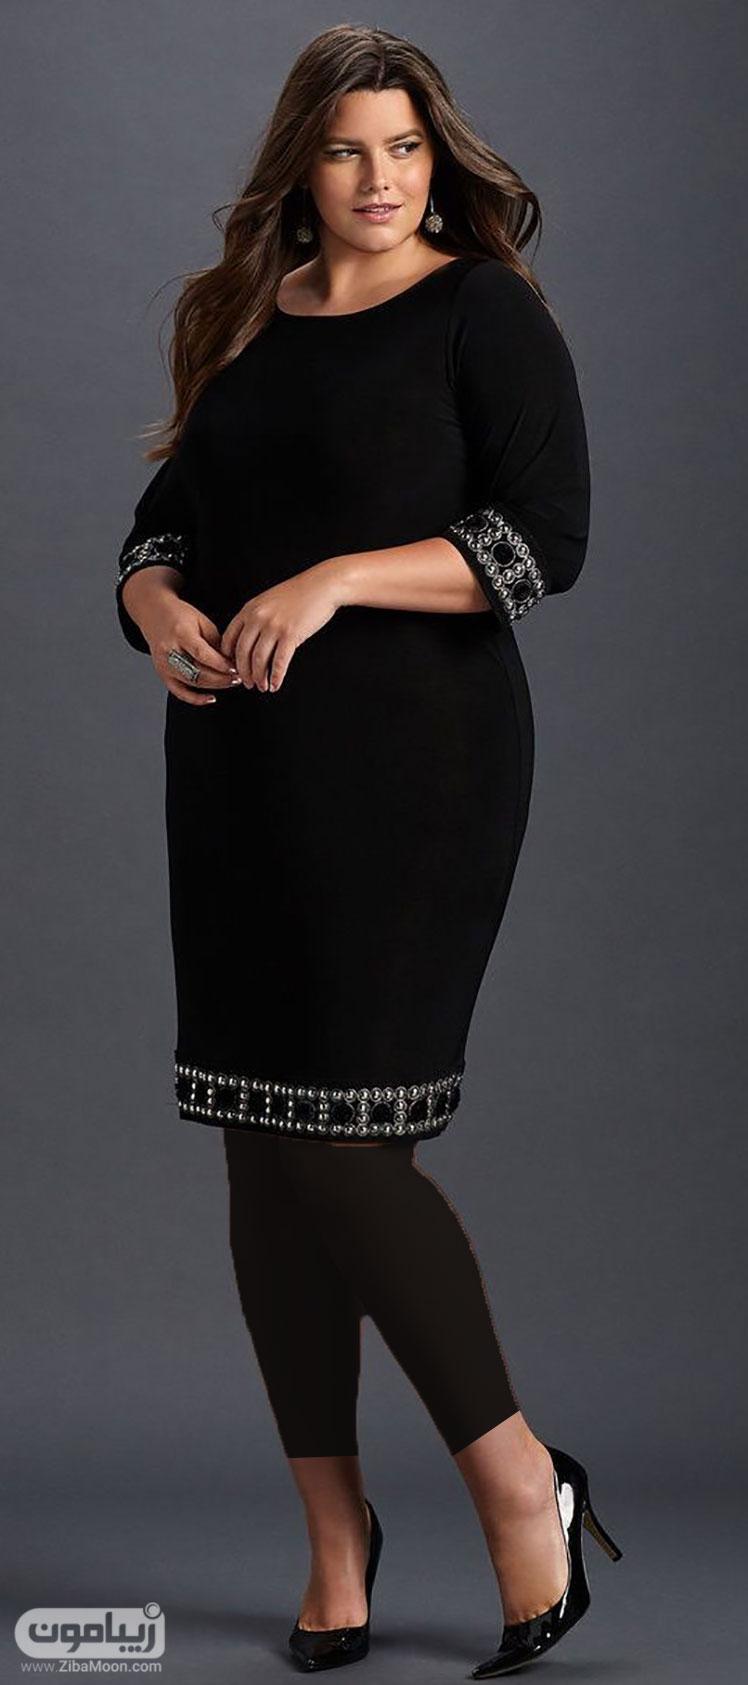 لباس مشکی